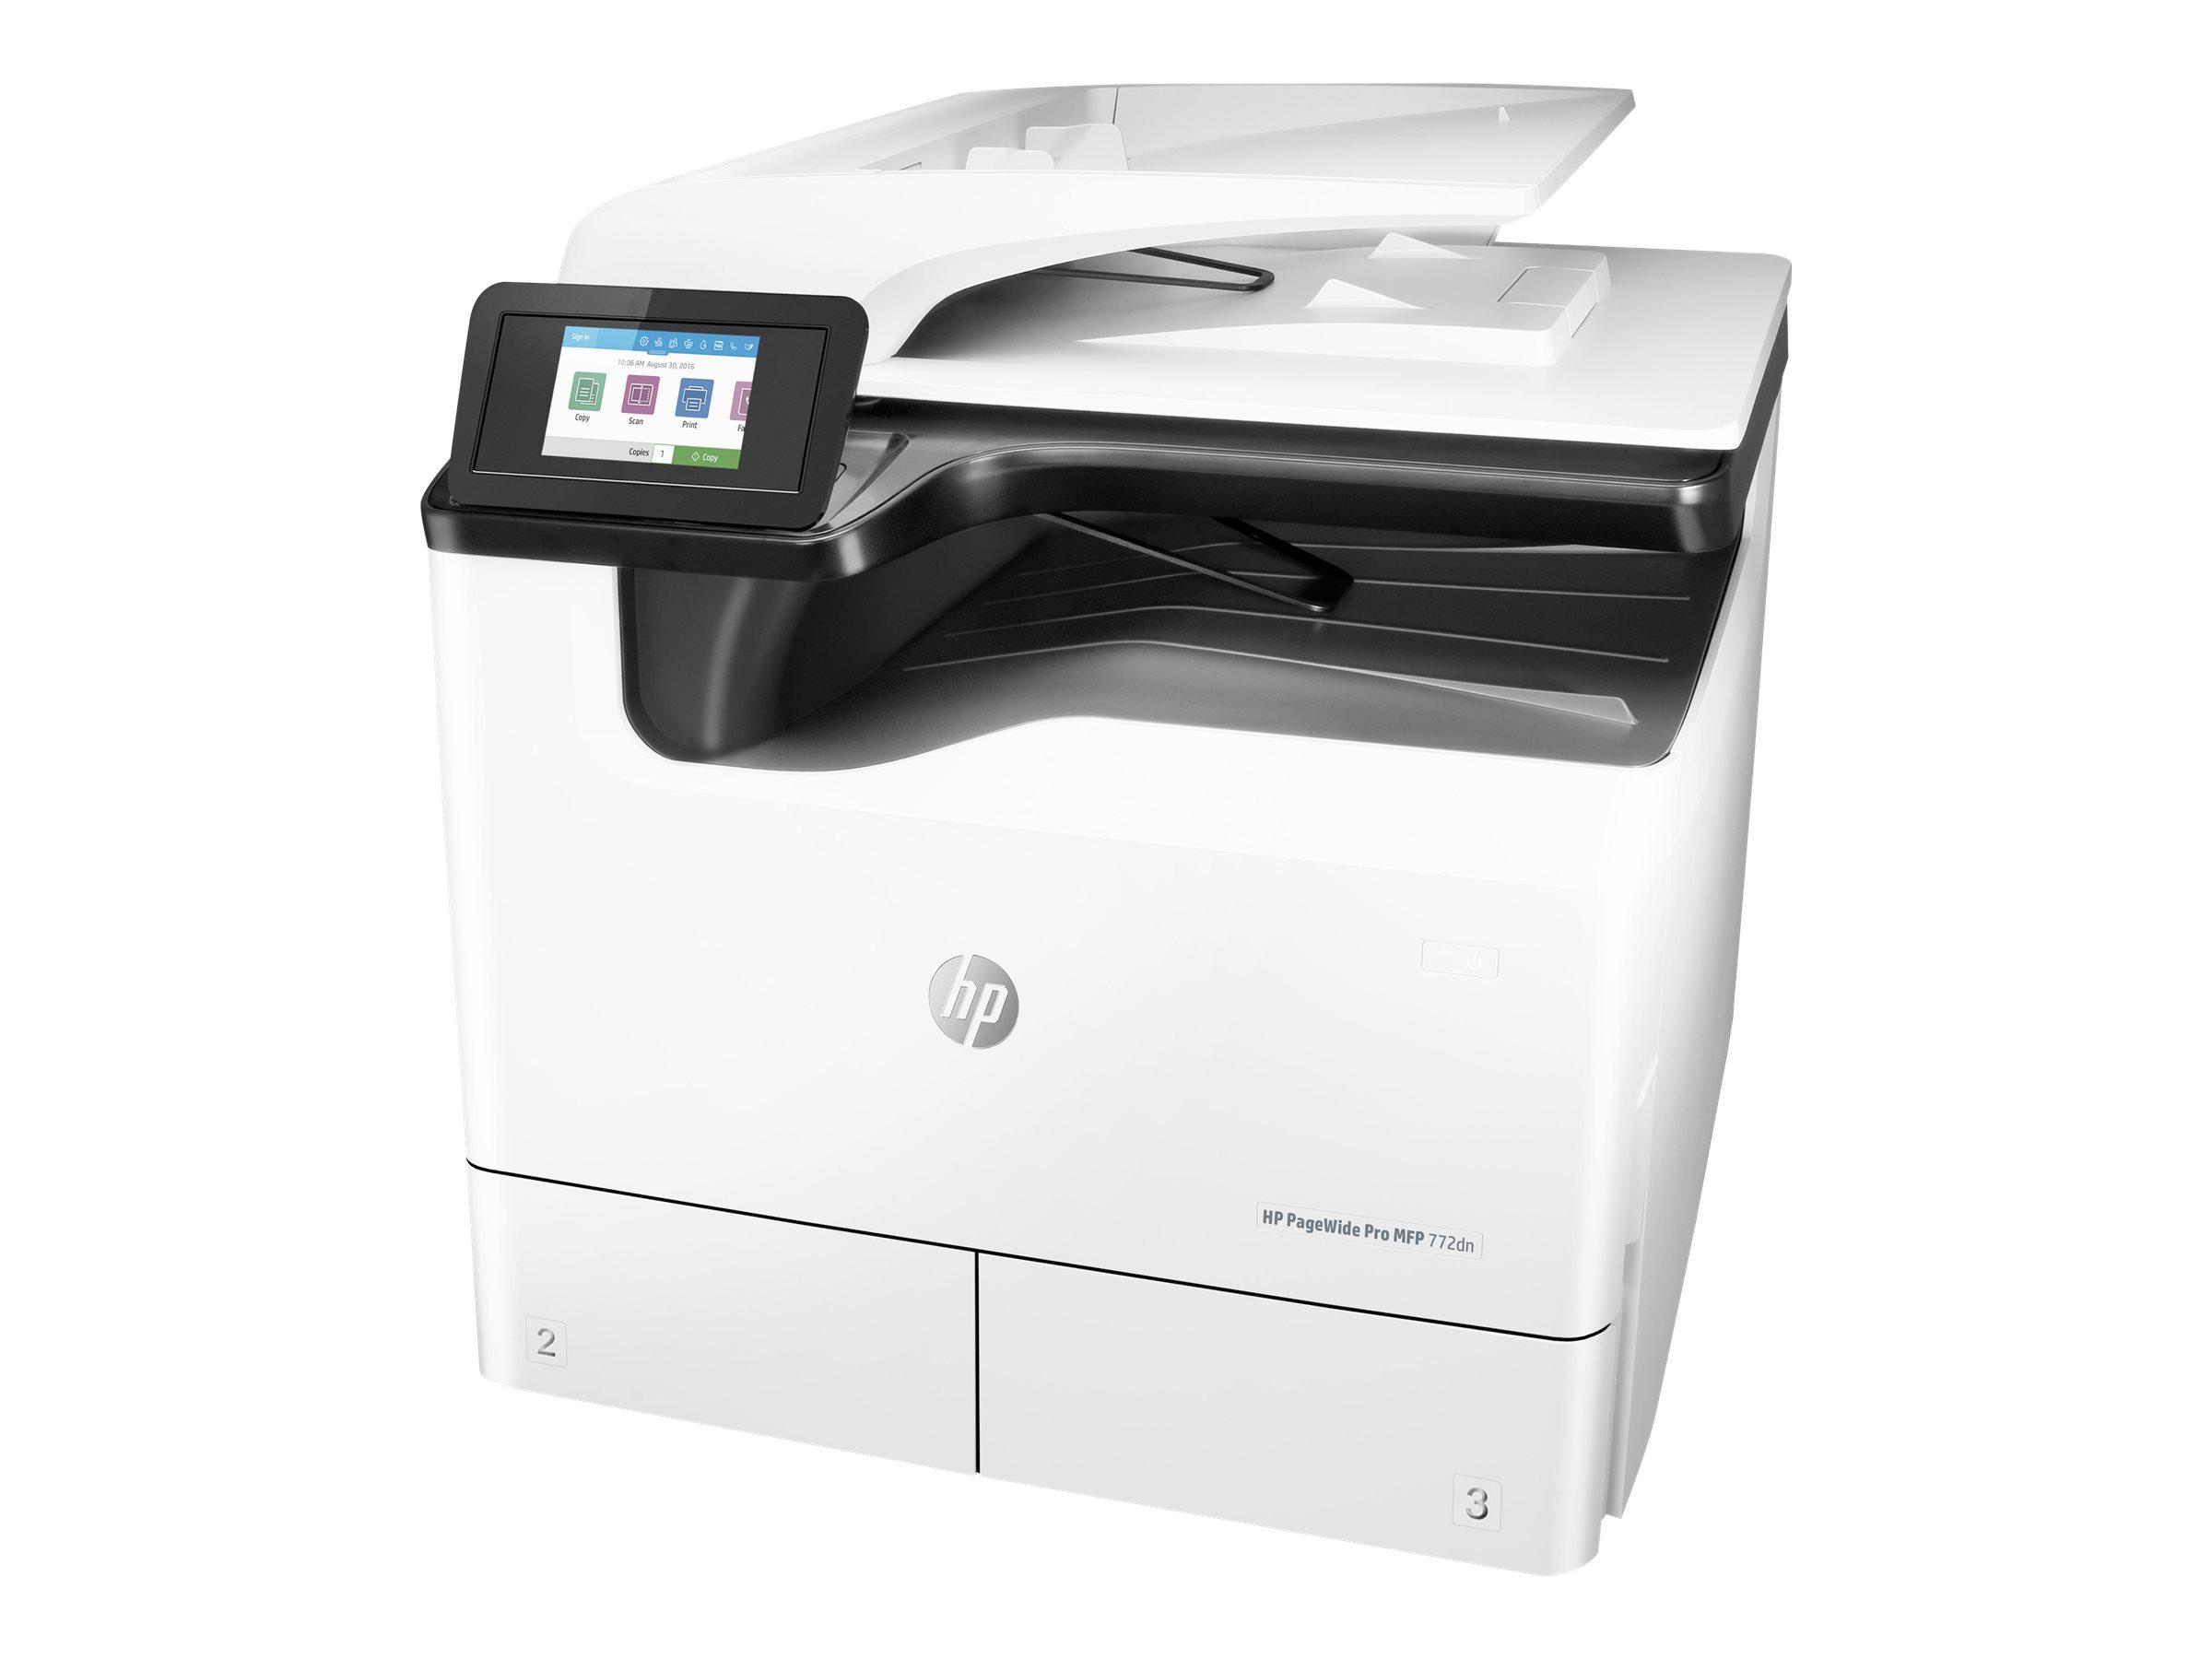 HP PageWide Pro 772dn - Multifunktionsdrucker - Farbe - seitenbreite Palette - A4 (210 x 297 mm)